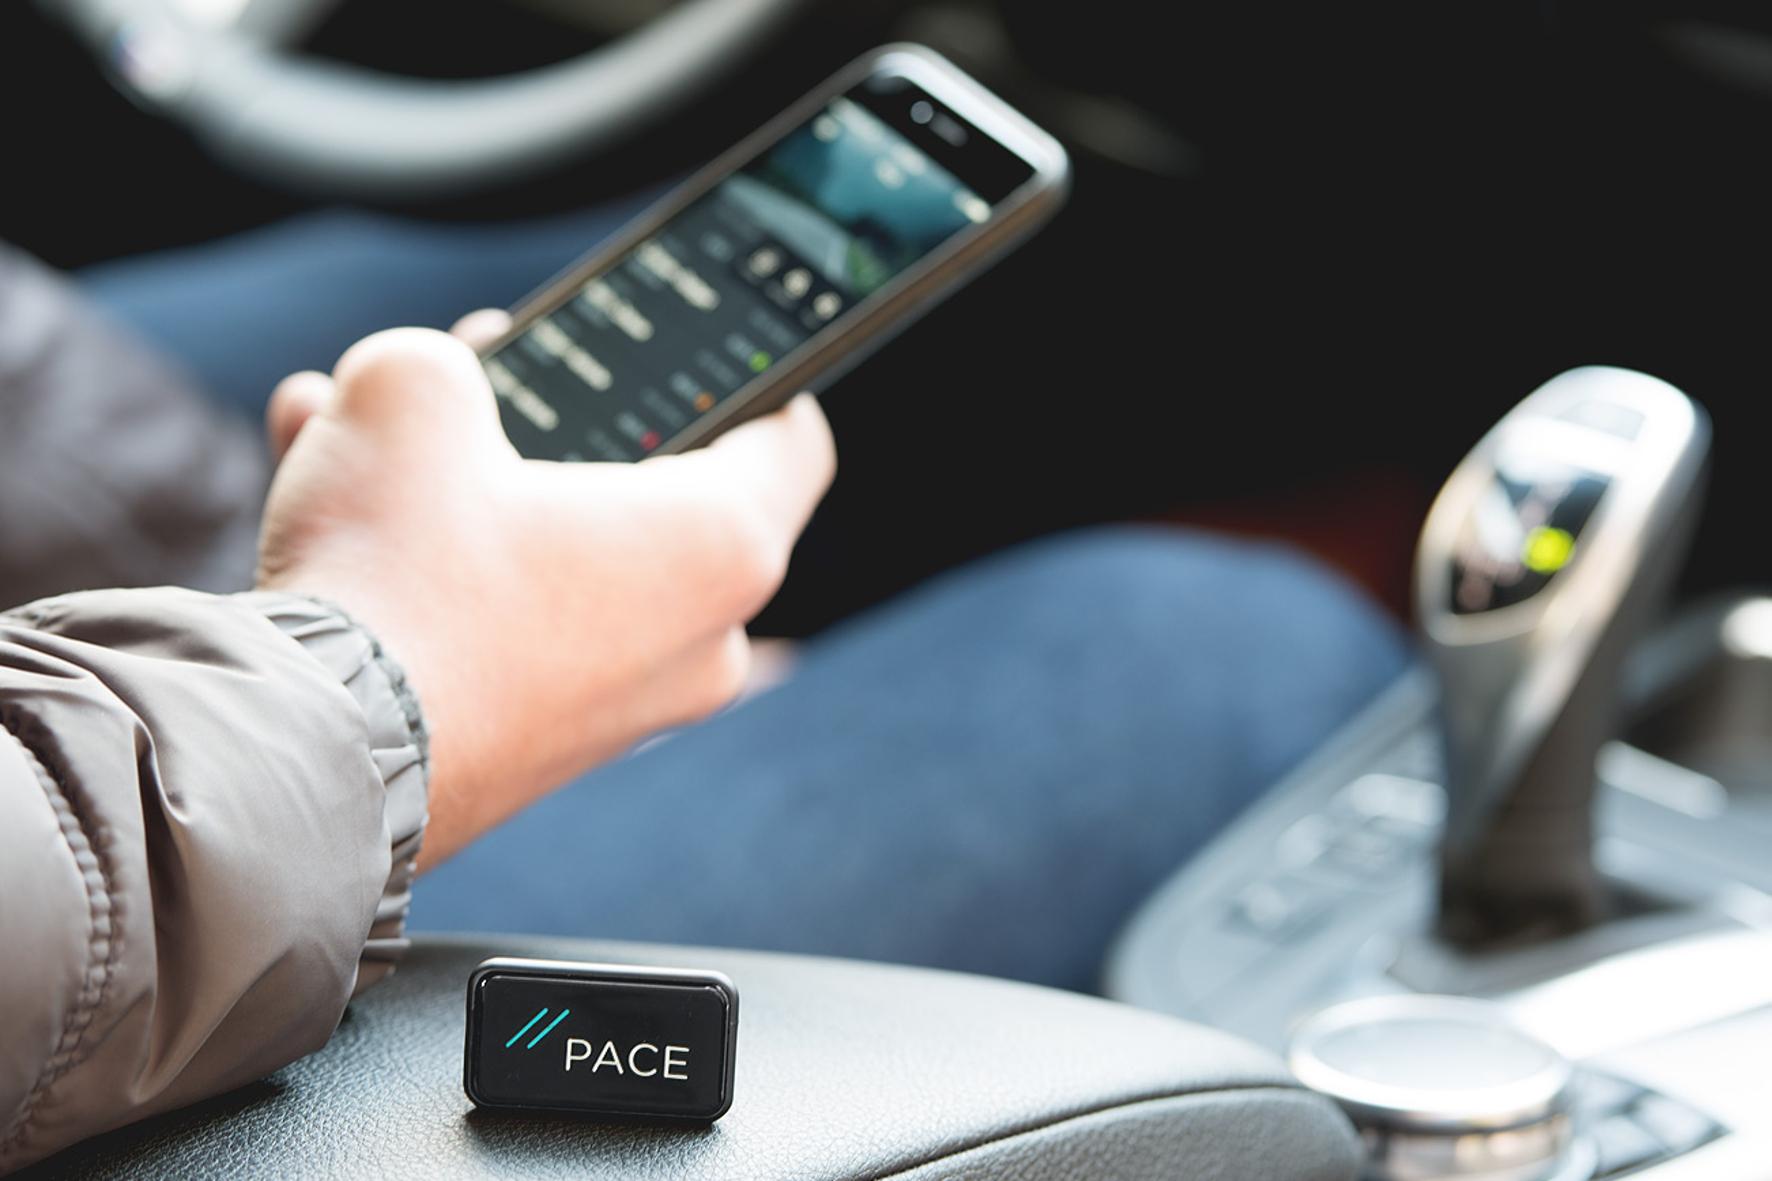 mid Groß-Gerau - Das Interface Pace Link wird in die Diagnoseschnittstelle des Fahrzeugs gesteckt und funkt dann per Bluetooth aufs Smartphone.